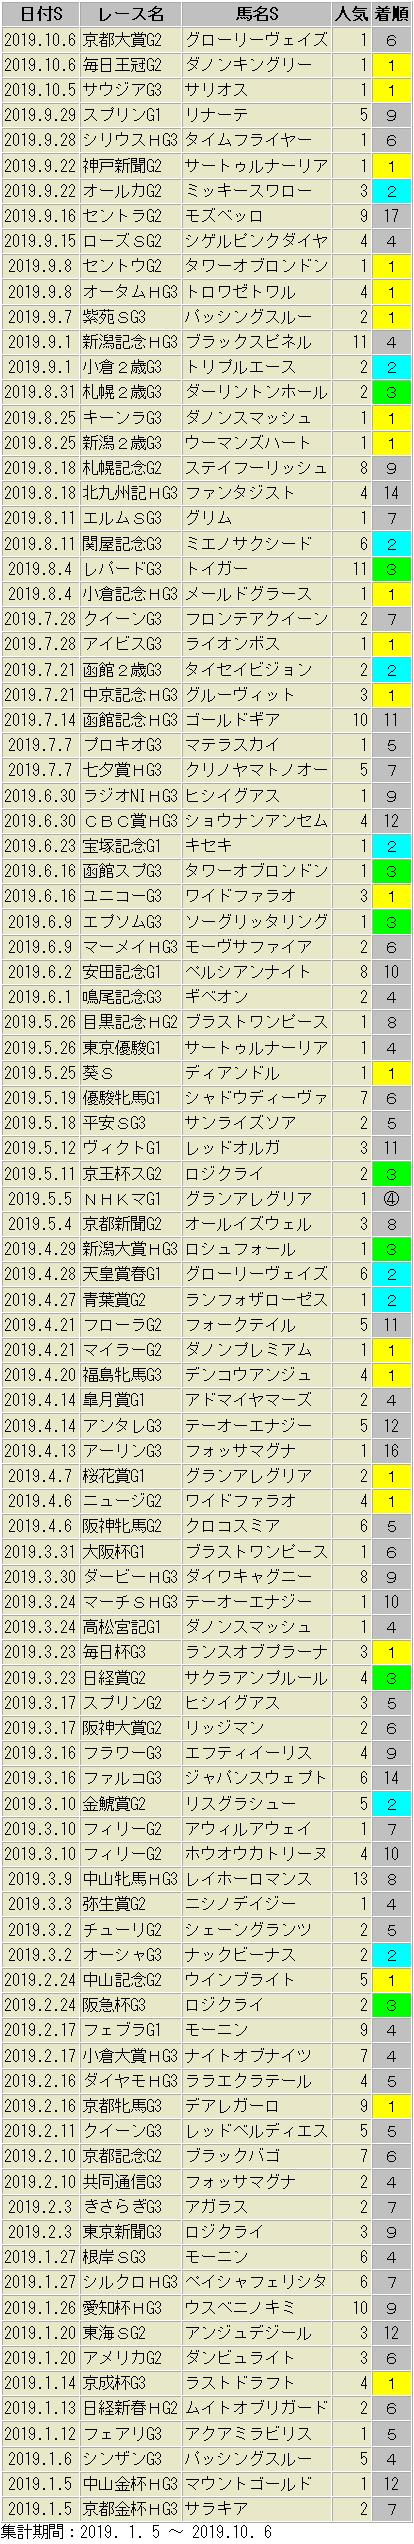 東京スポーツ 虎石 推奨馬 一覧表 2019年